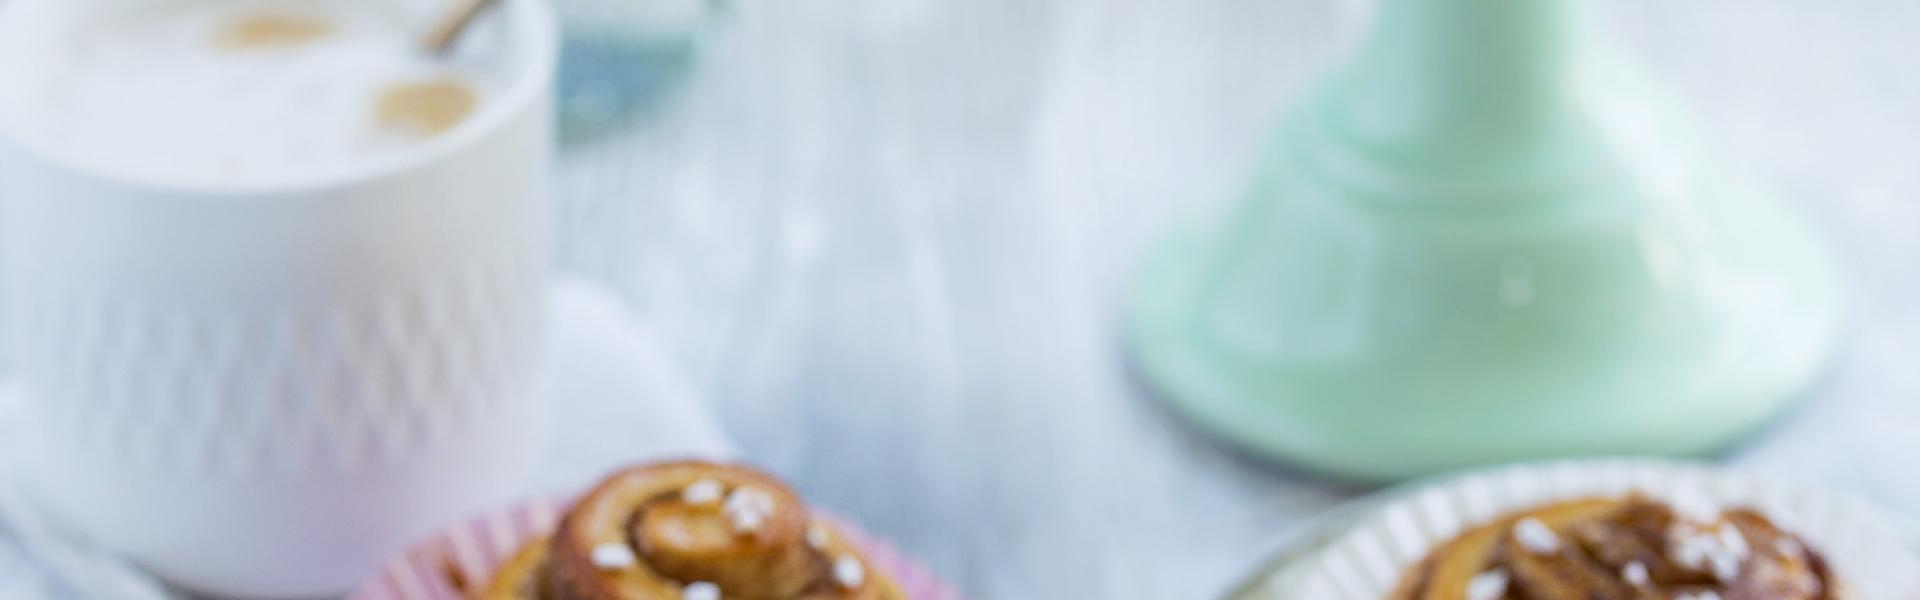 Kanelbullar auf einem Kaffeetisch und einer Etagere angerichtet.